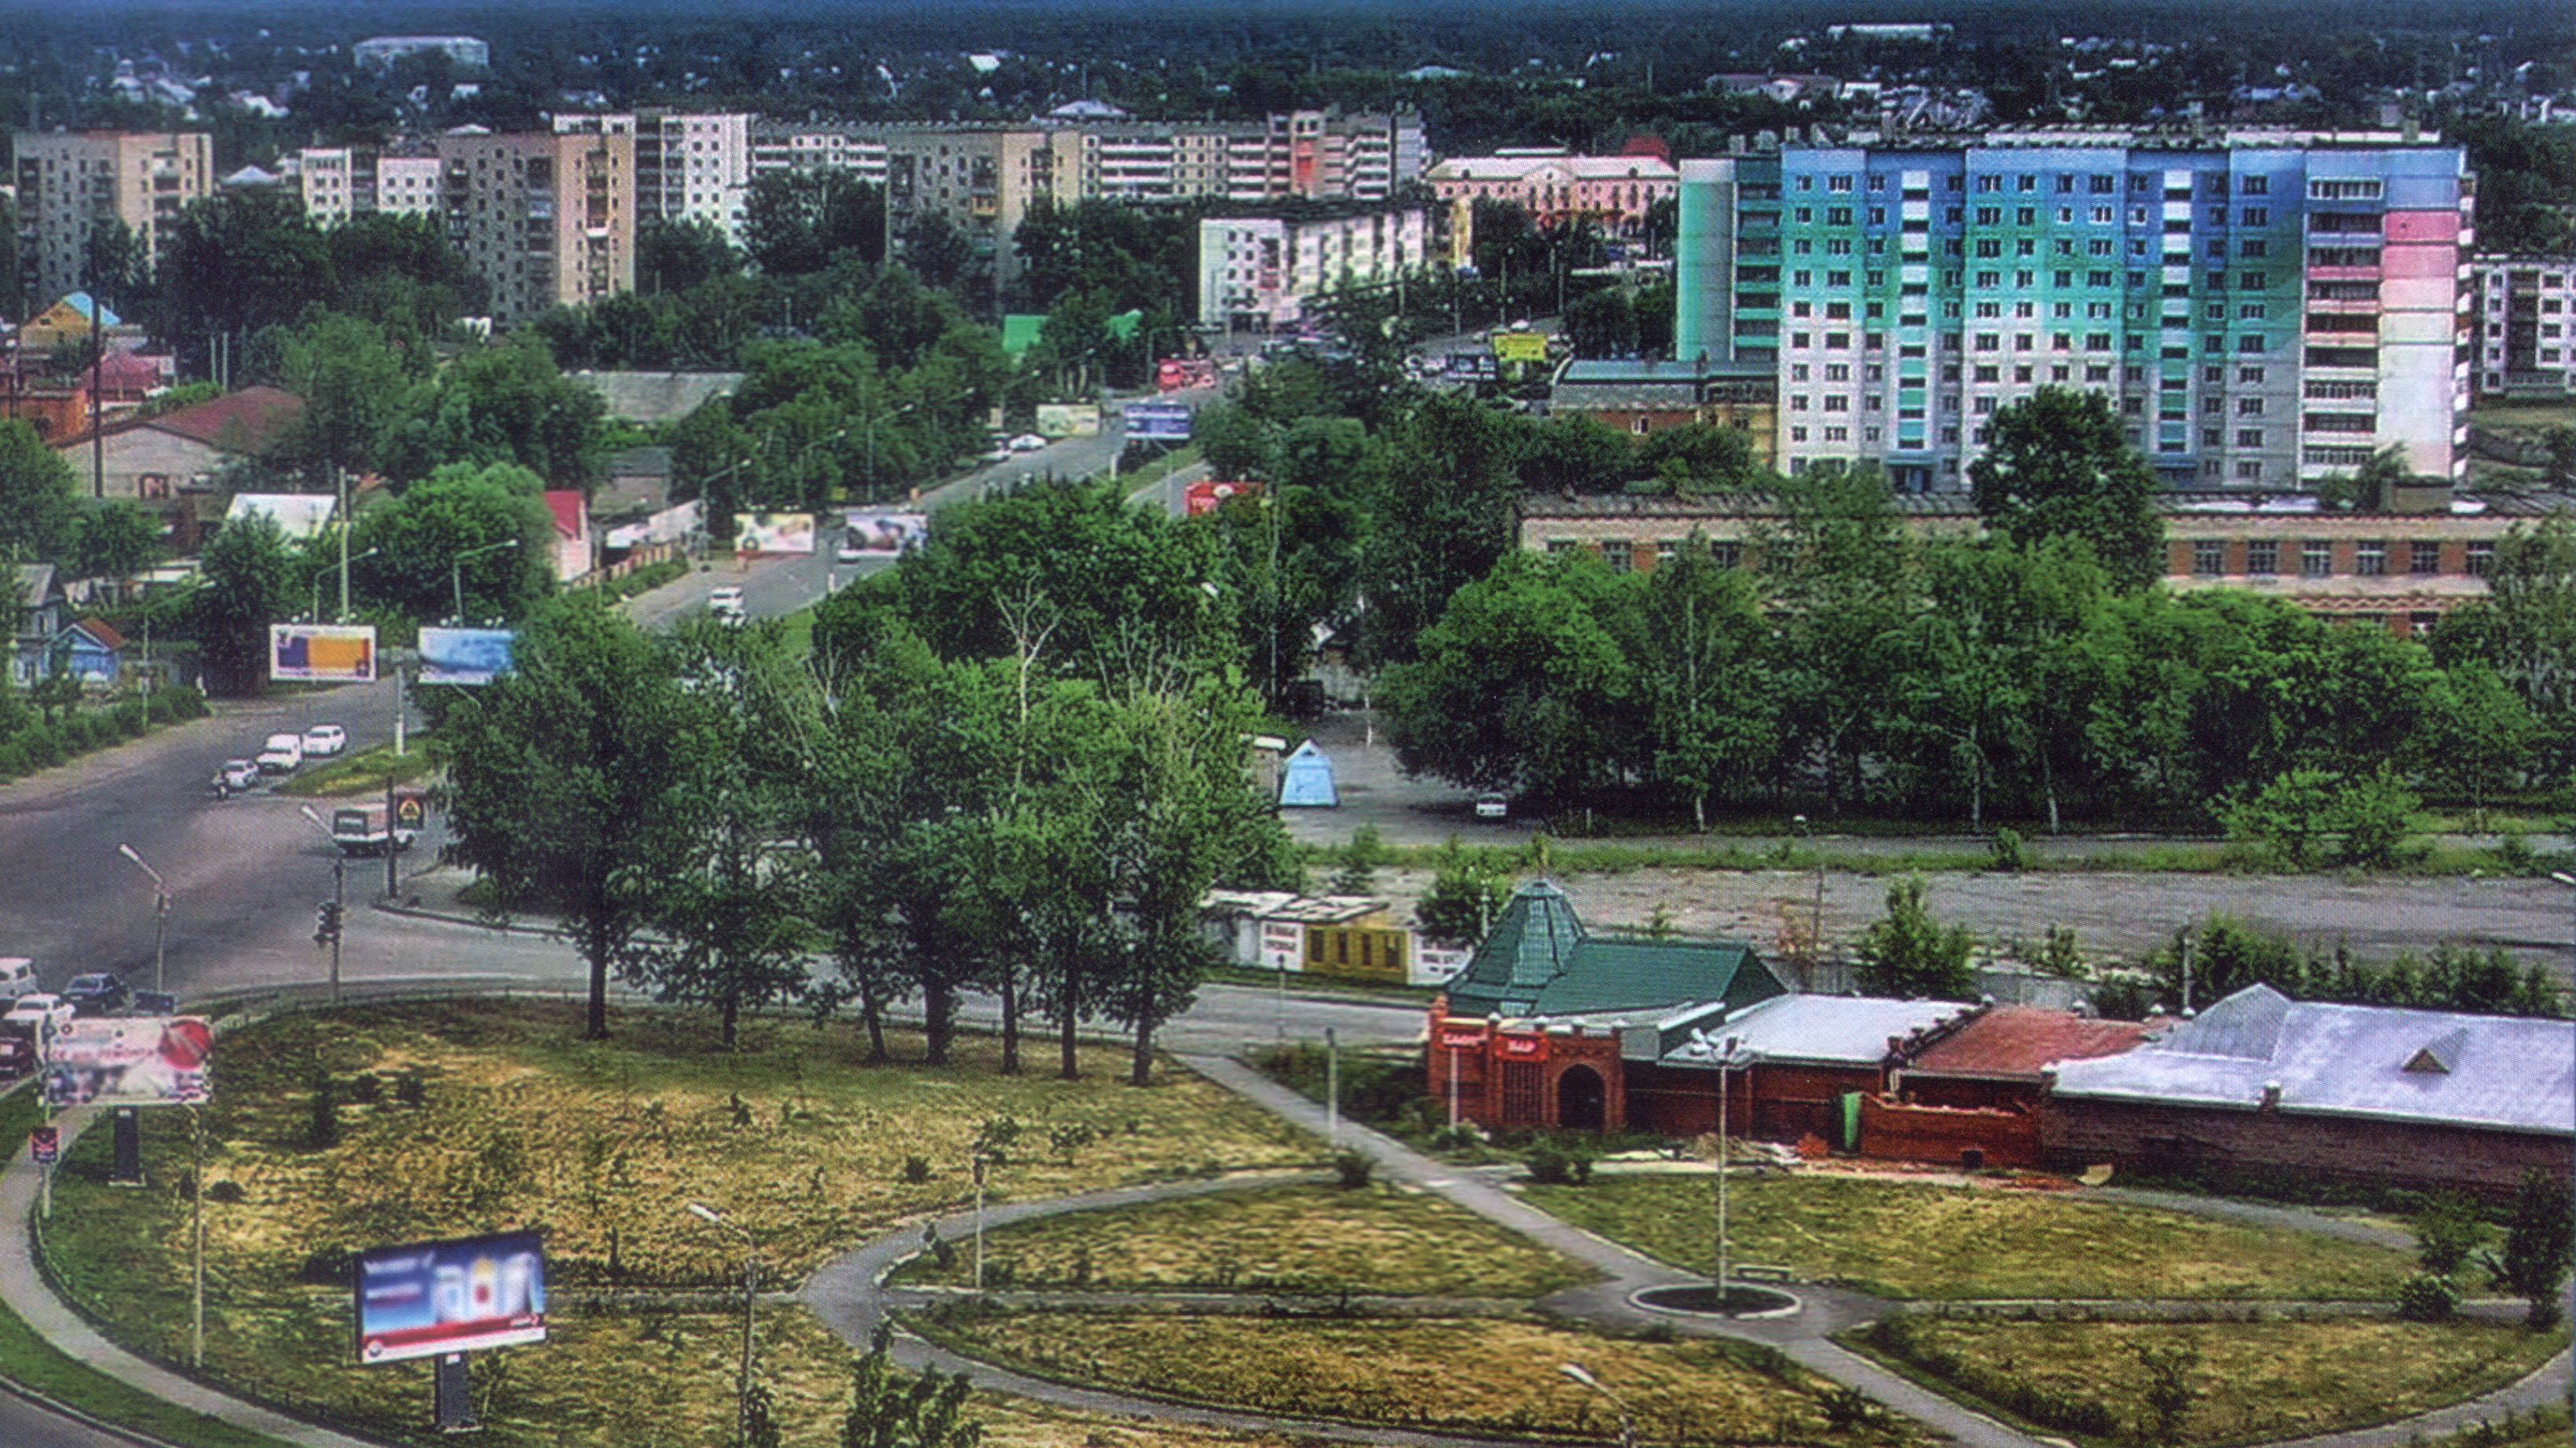 znakomstva-gorod-biysk